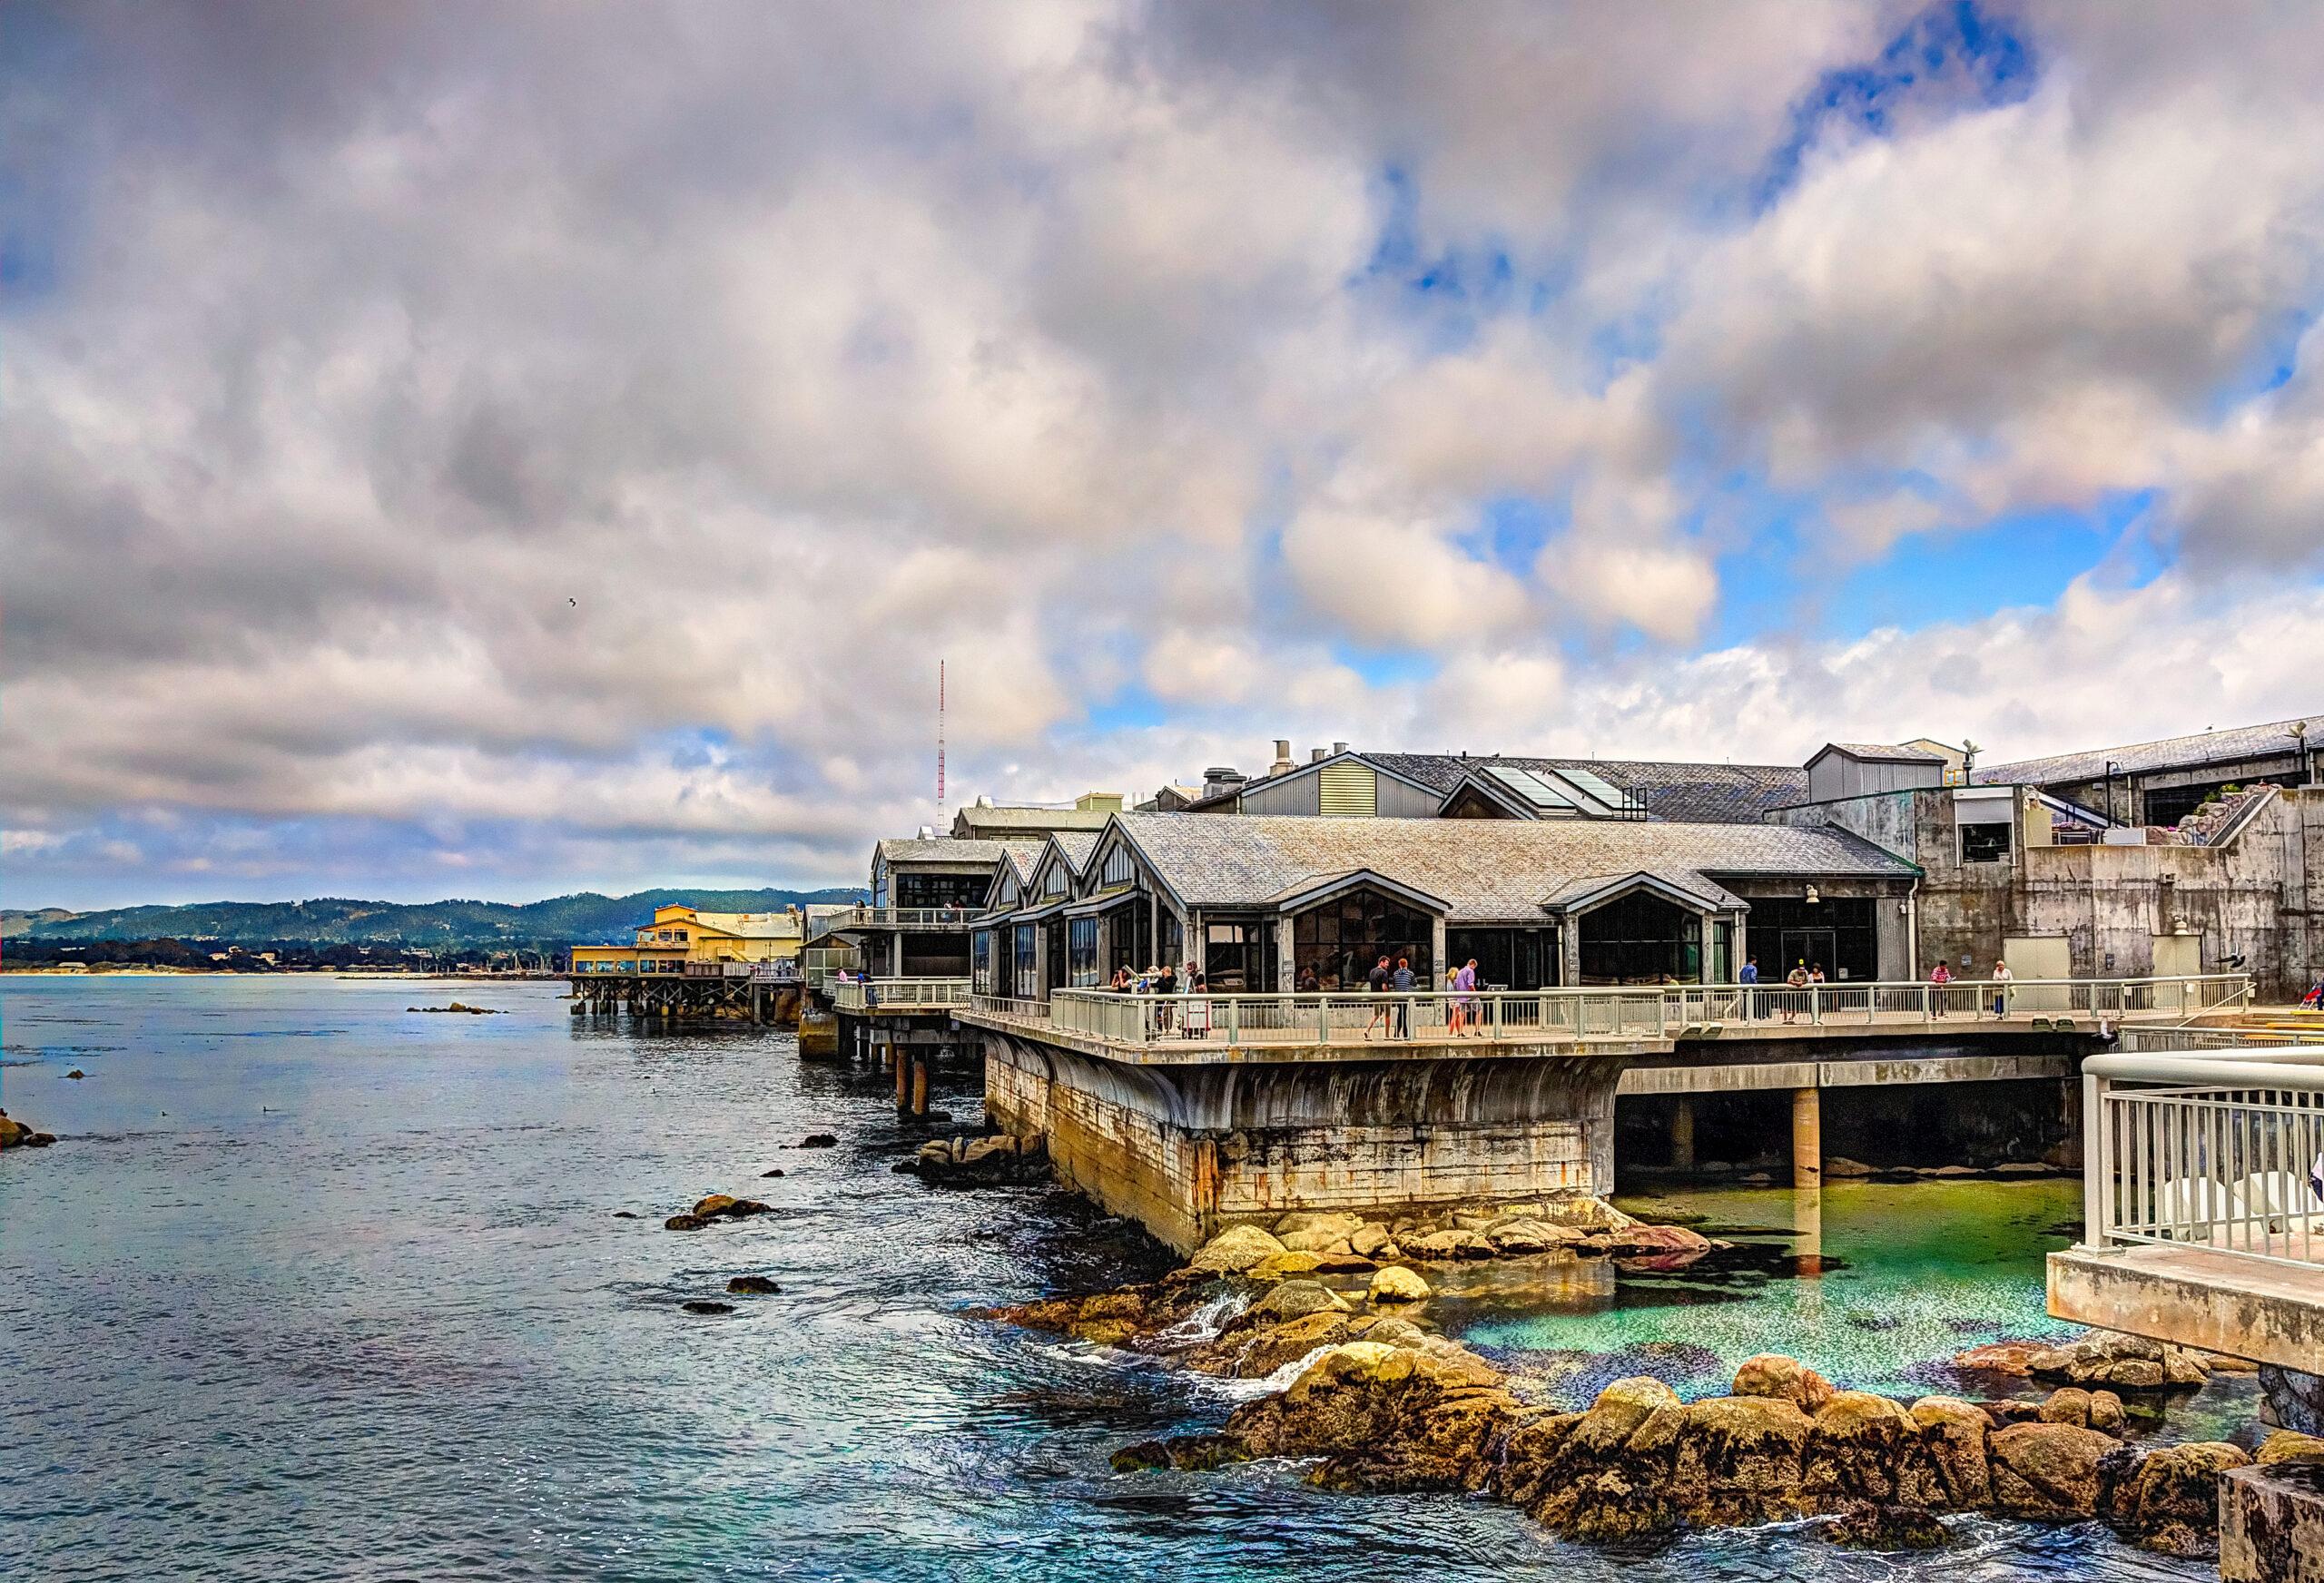 Monterey bay aquarium building.